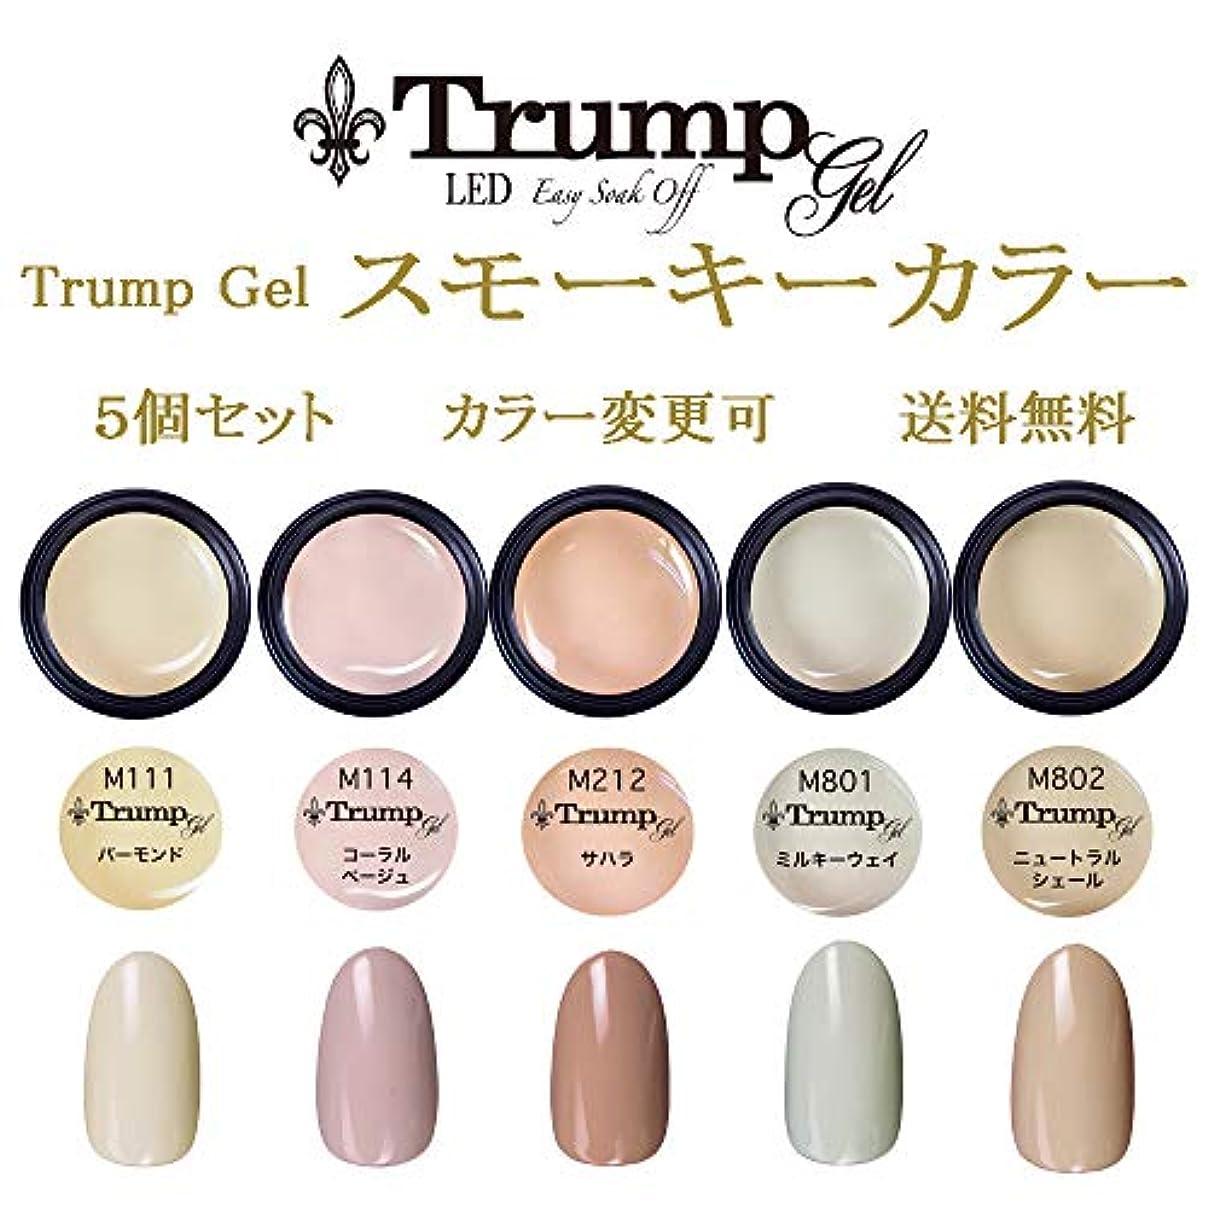 死ぬ乱闘除去日本製 Trump gel トランプジェル スモーキーカラー 選べる カラージェル 5個セット スモーク ベージュ グレー ブラウン ピンク